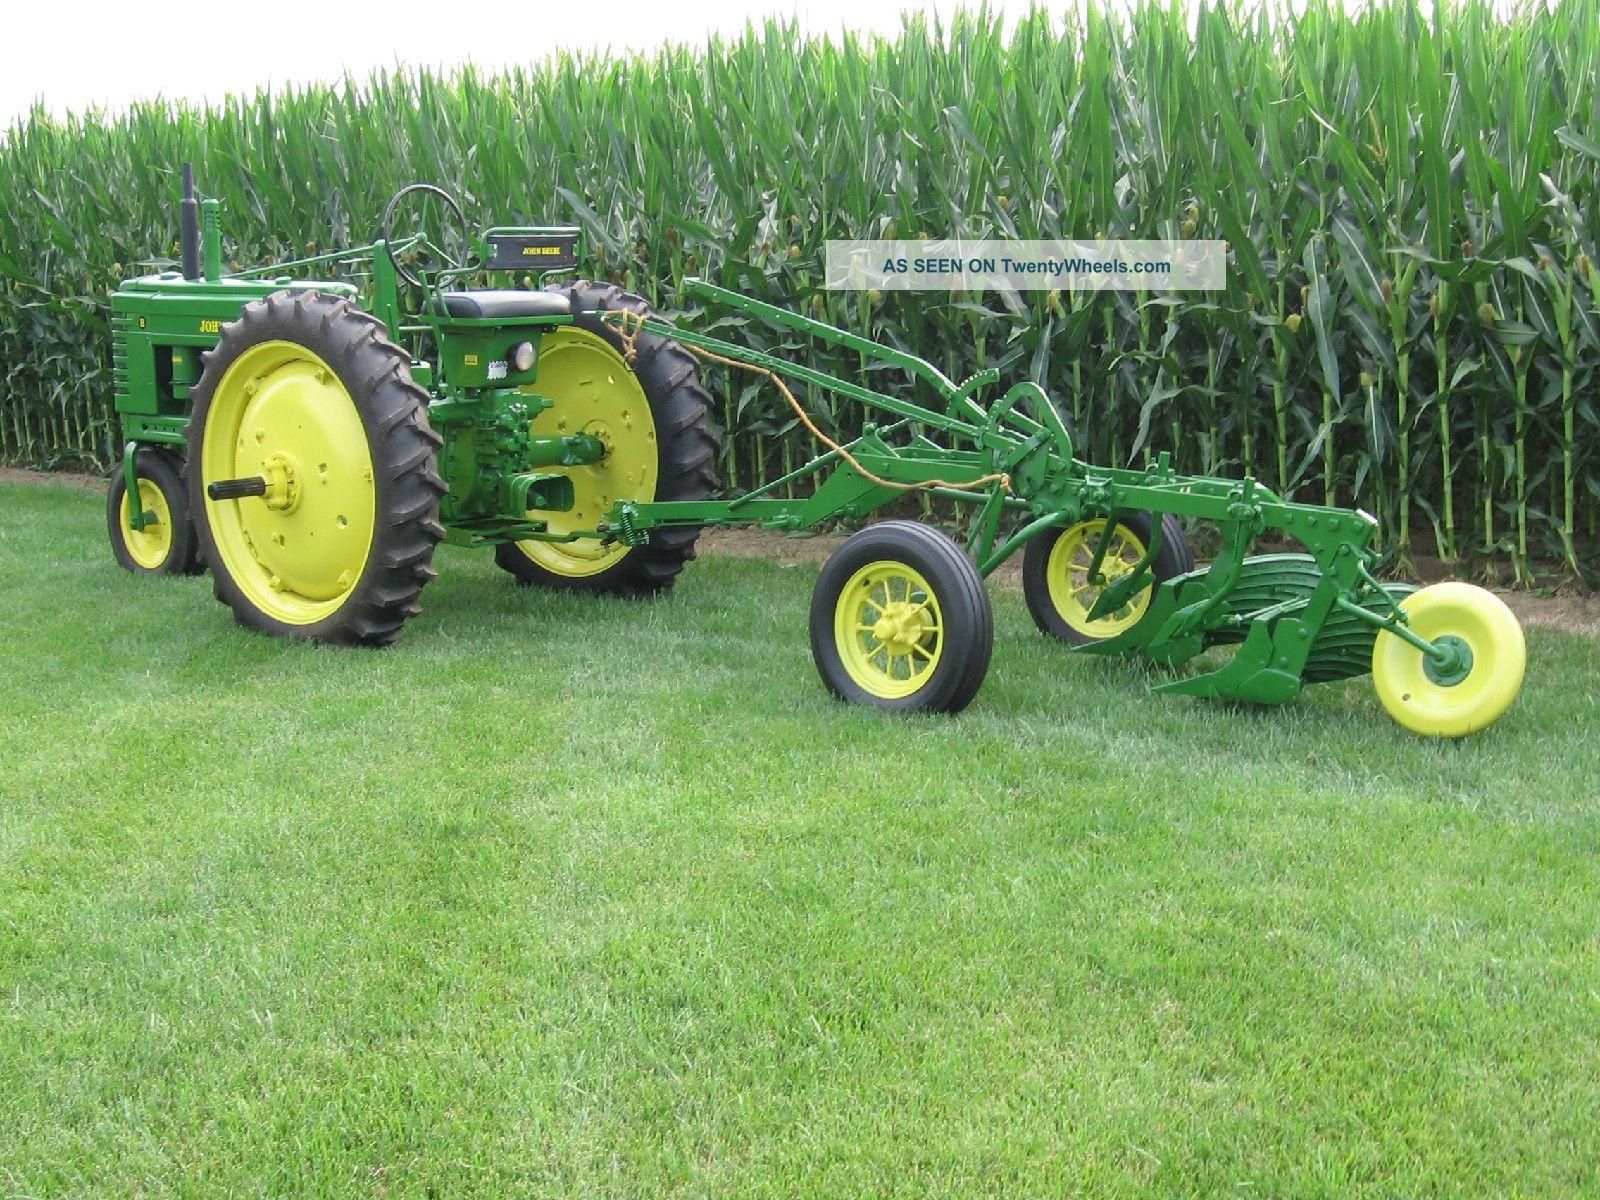 John Deere B Tractor And Model 44 Plow Tractors photo 1 ...